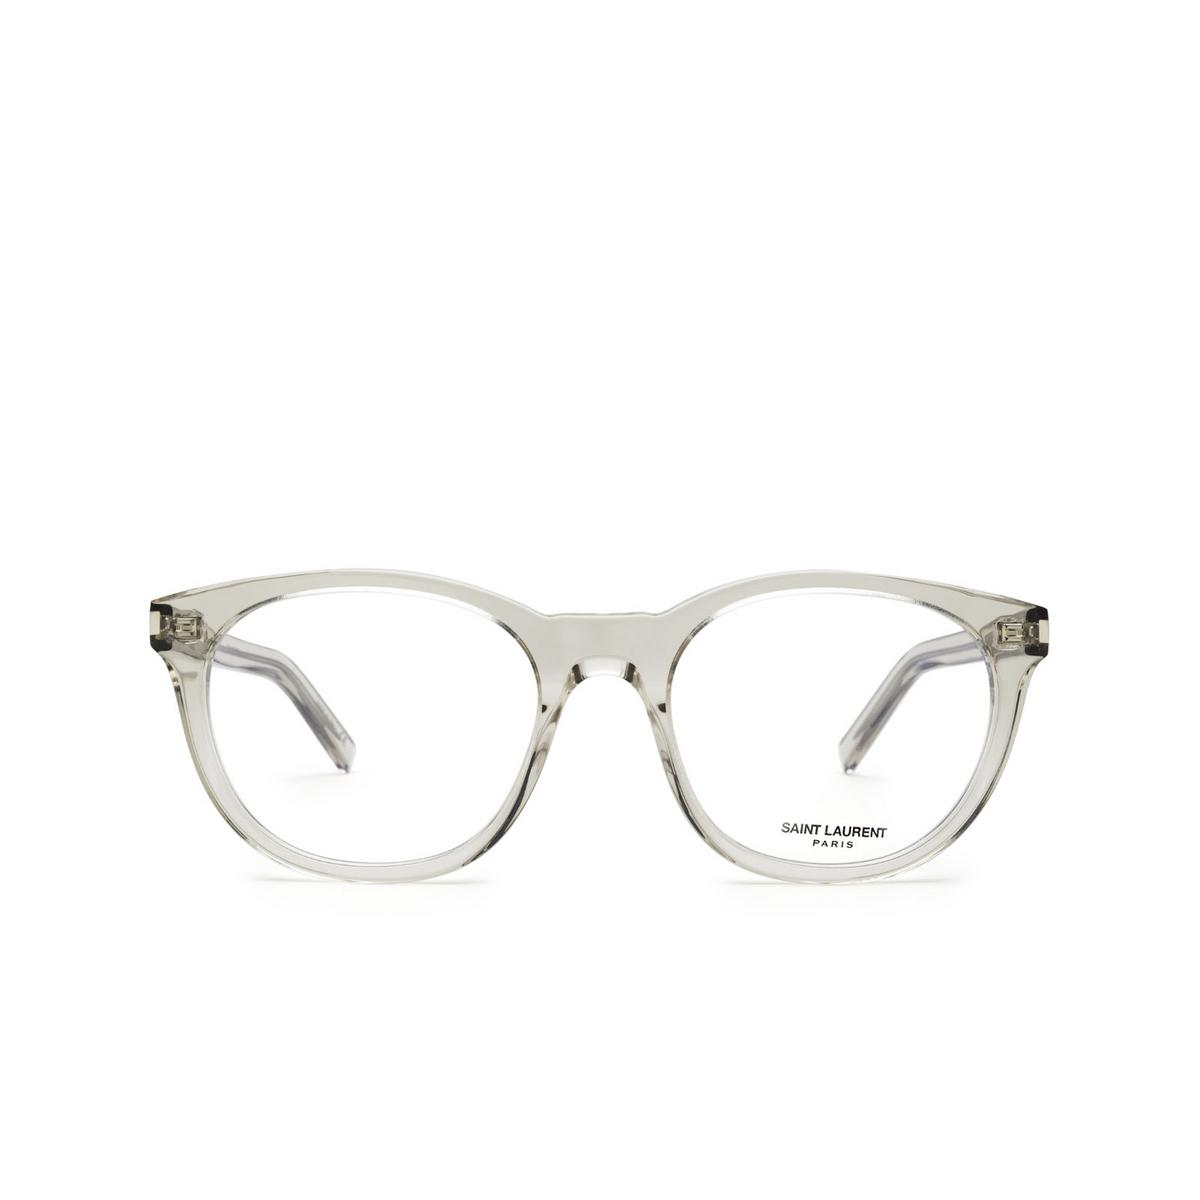 Saint Laurent® Square Eyeglasses: SL 471 color Beige 004 - front view.